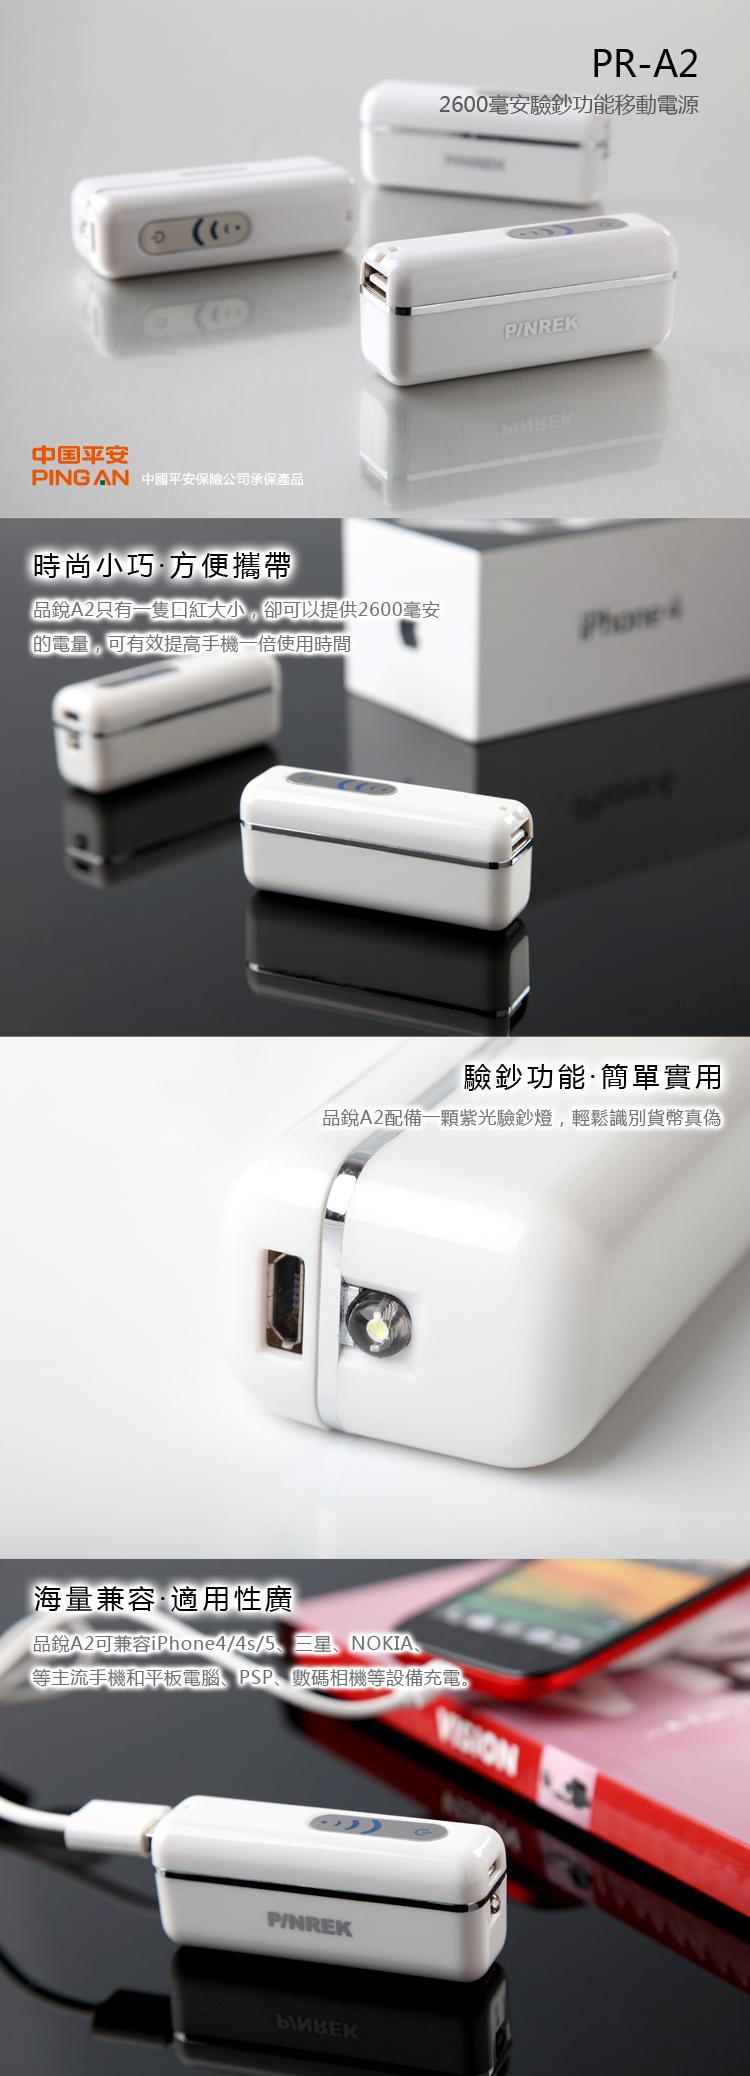 带验钞功能2600毫安品锐充电宝 所有手机通用应急移动电源图片一